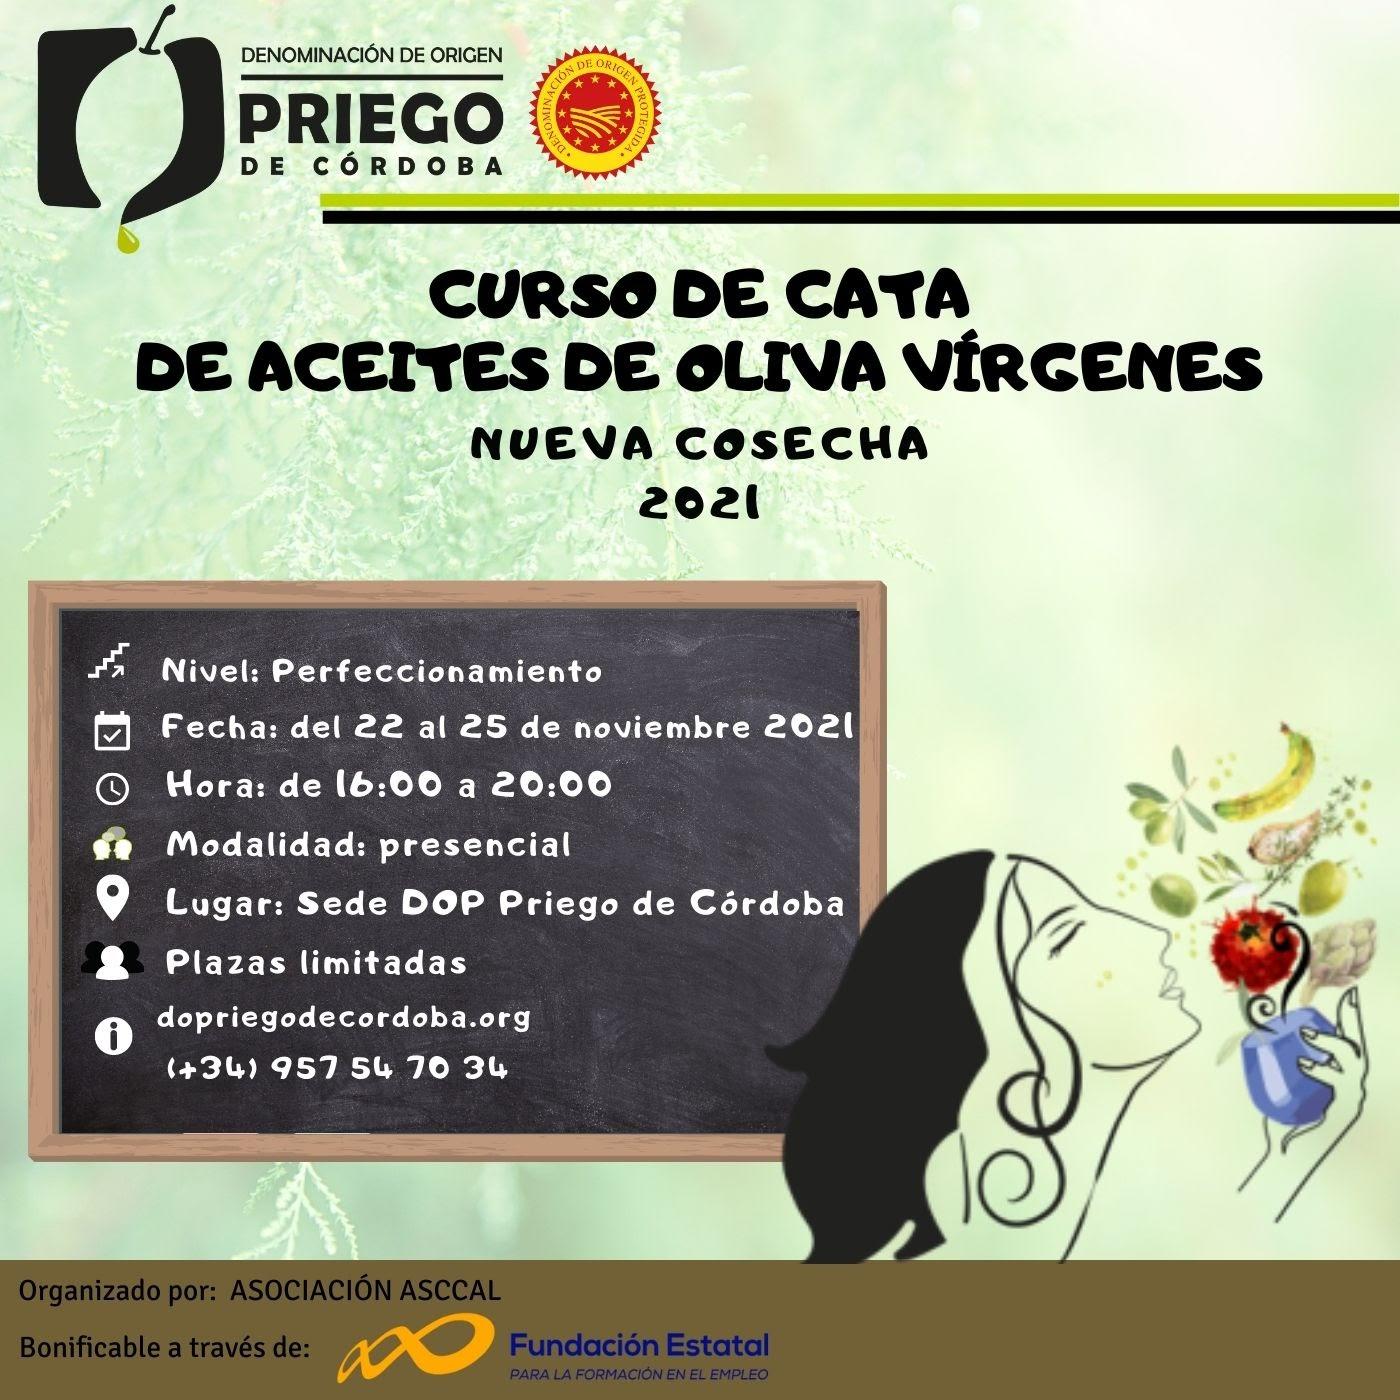 Curso de Cata - DOP Priego de Córdoba